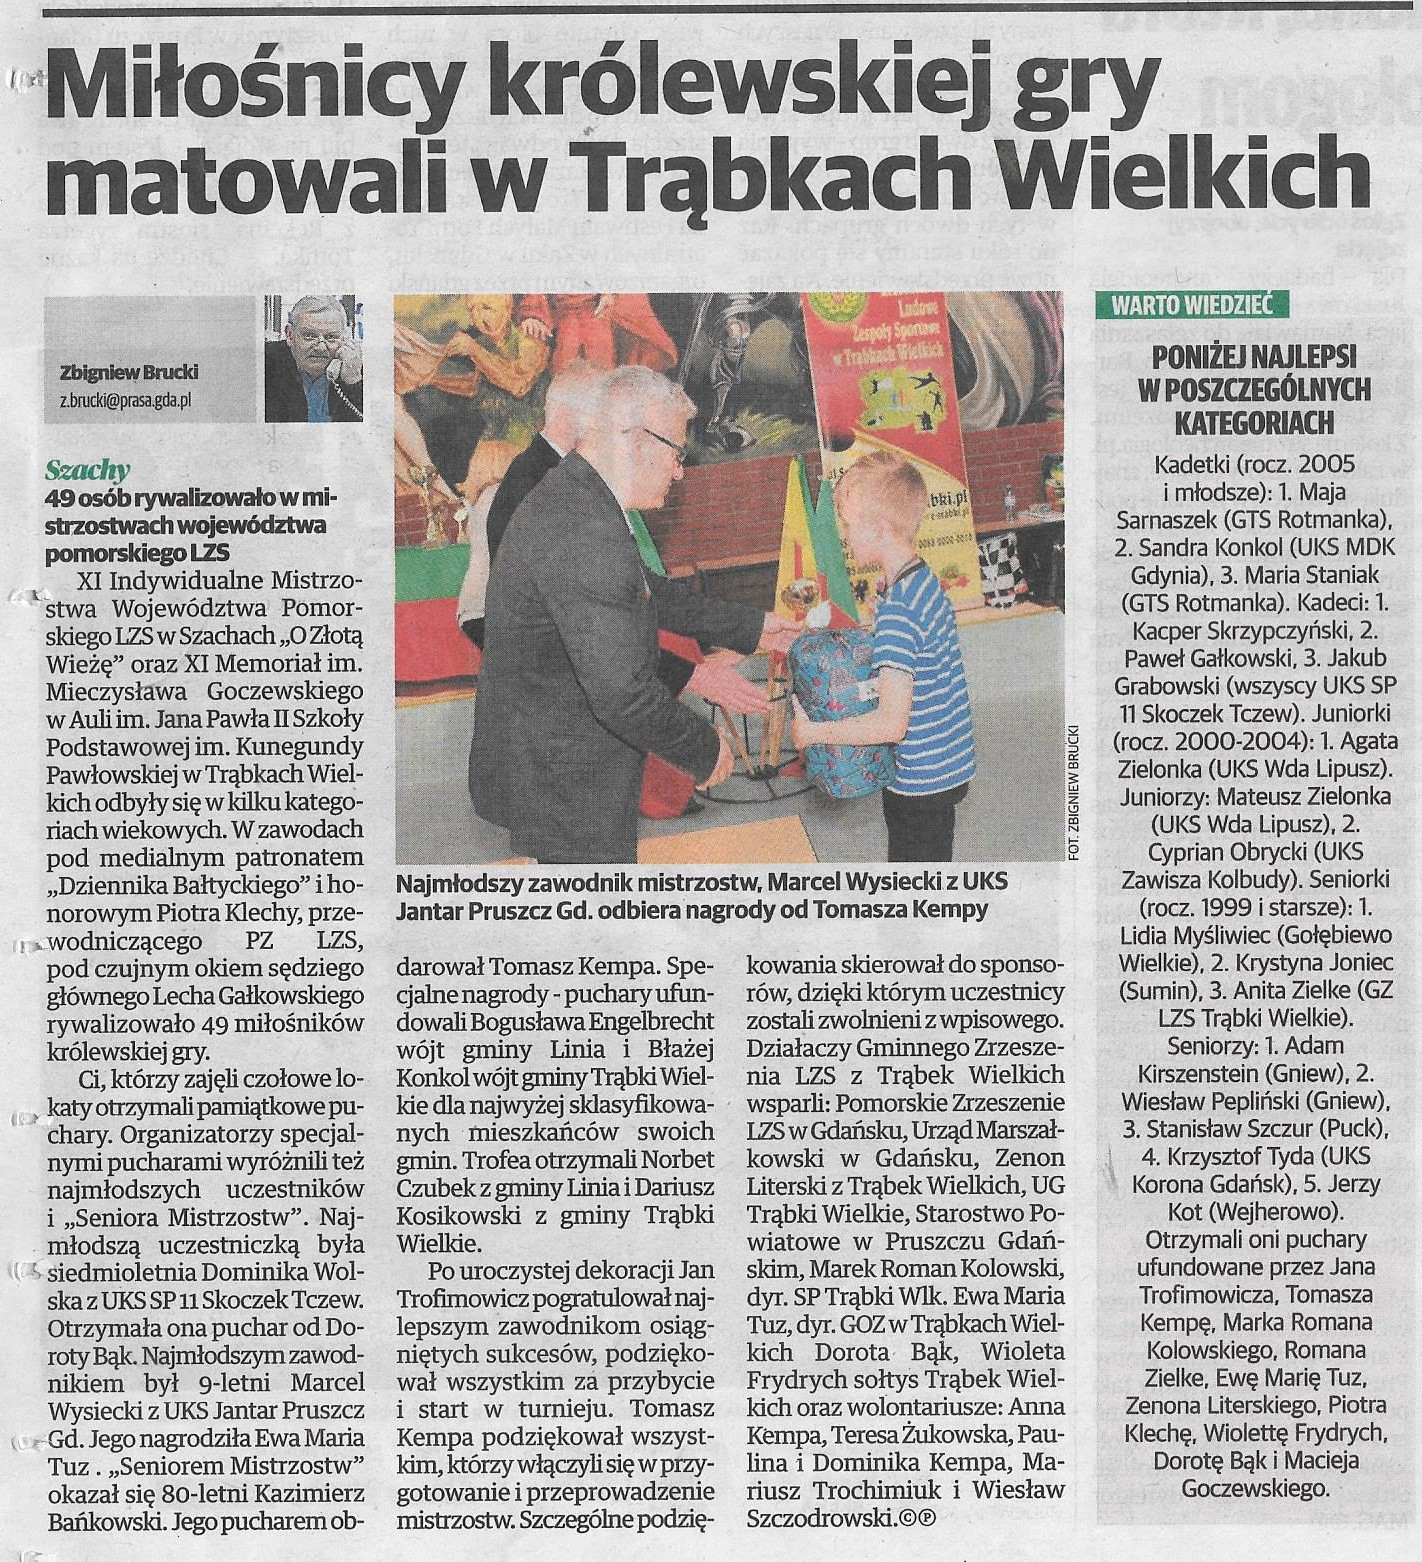 Echo Pruszcza Gdańskiego, 27.04.2018